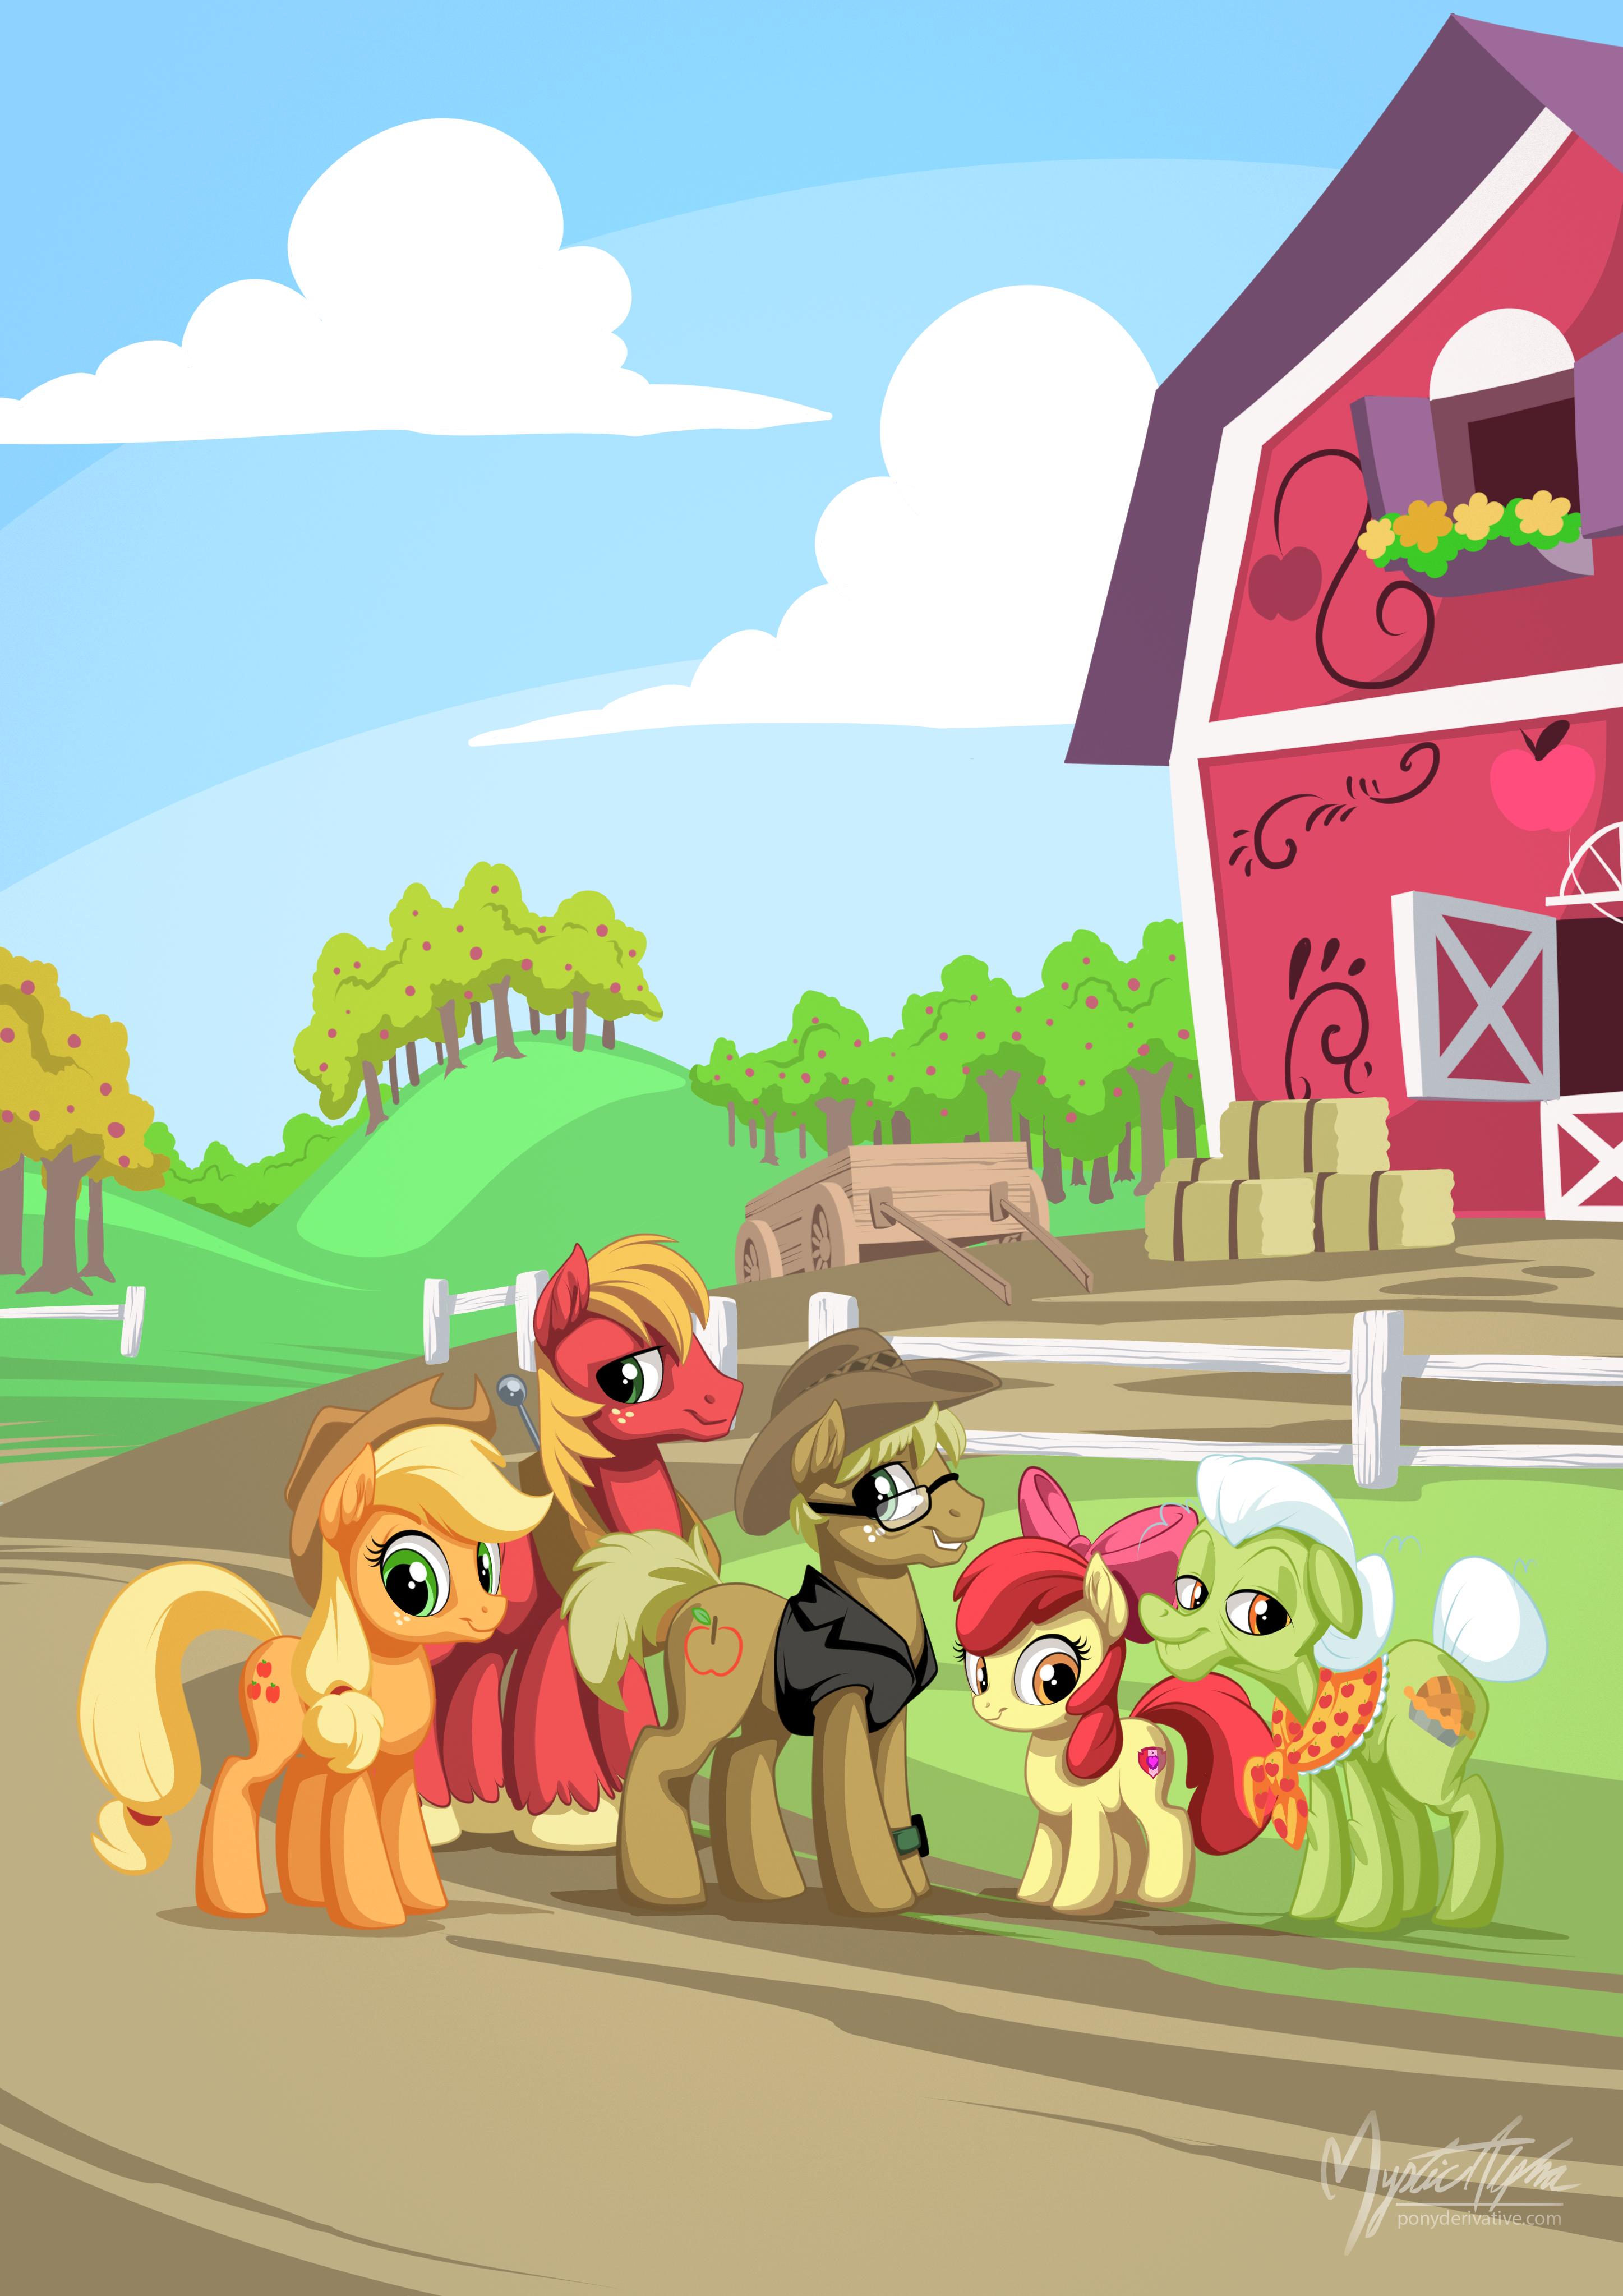 Apples on the farm